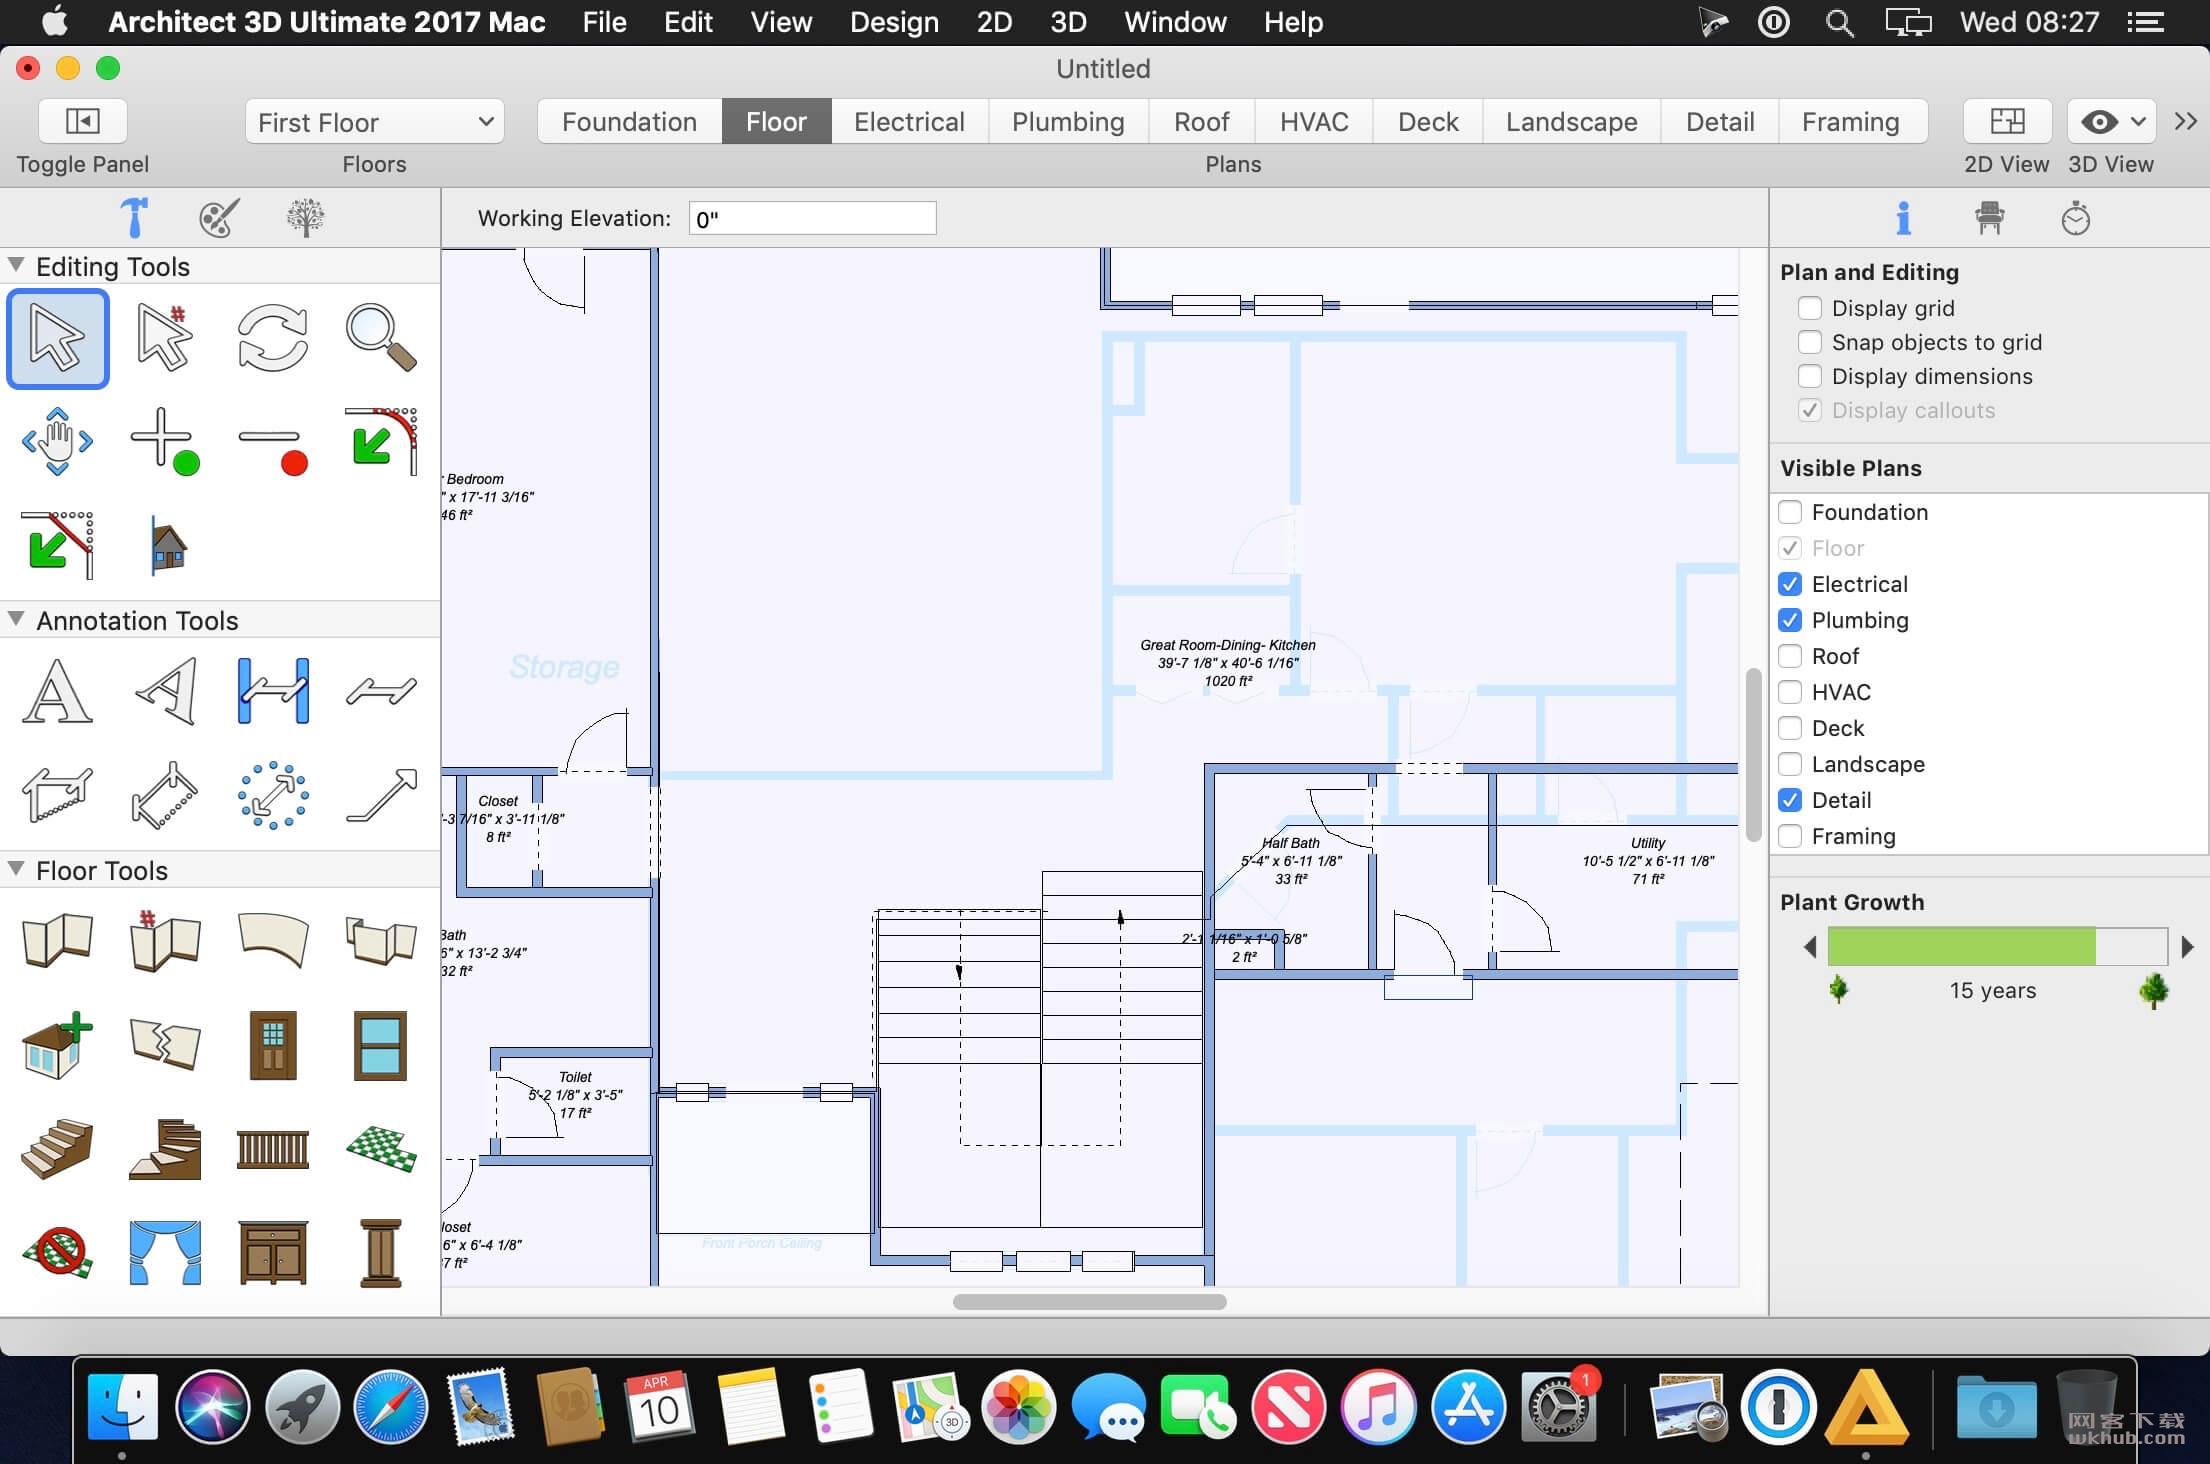 Architect 3D Ultimate 2017 19.0.8 3D家居设计应用程序